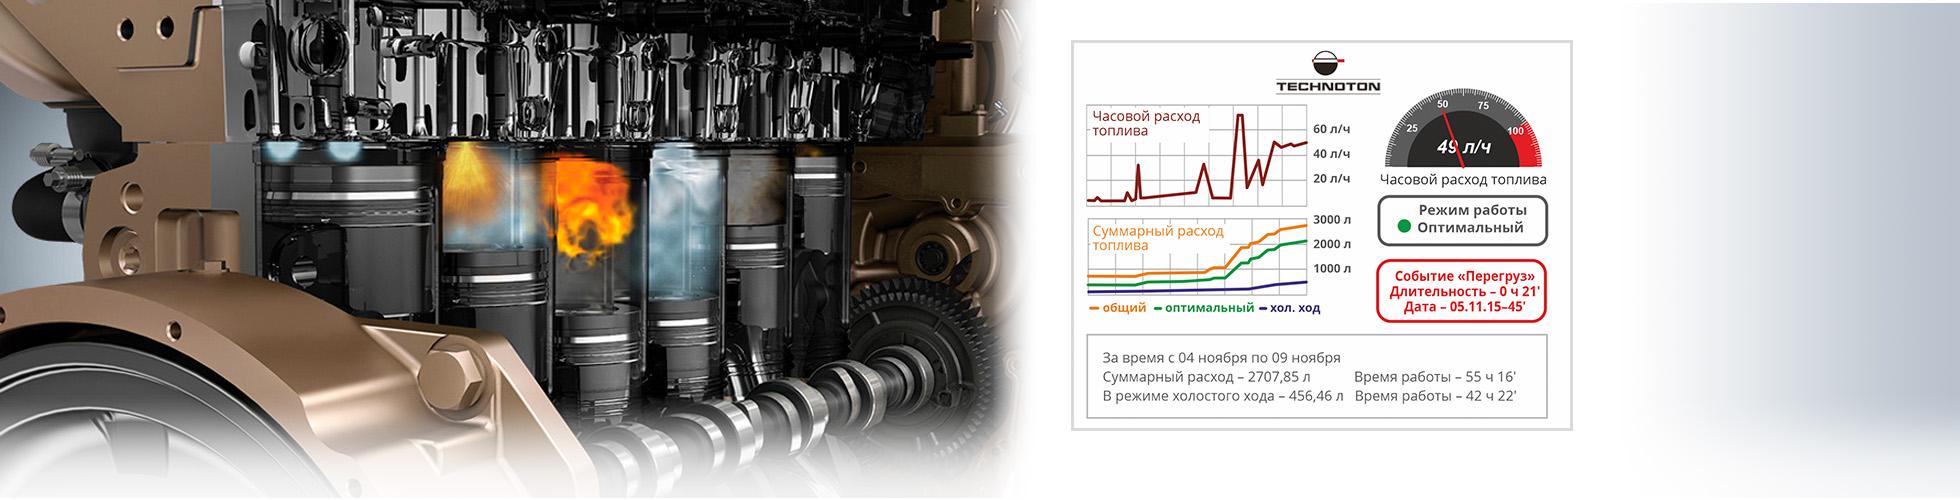 Контроль расхода топлива для двигателей